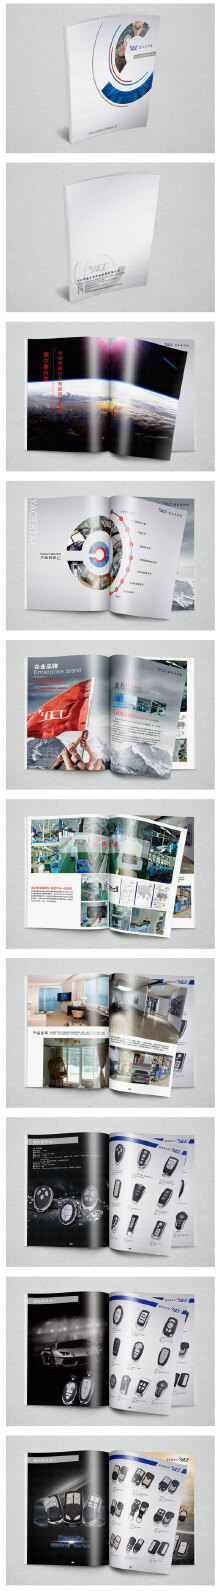 科技画册—产品画册—企业文化画册设计